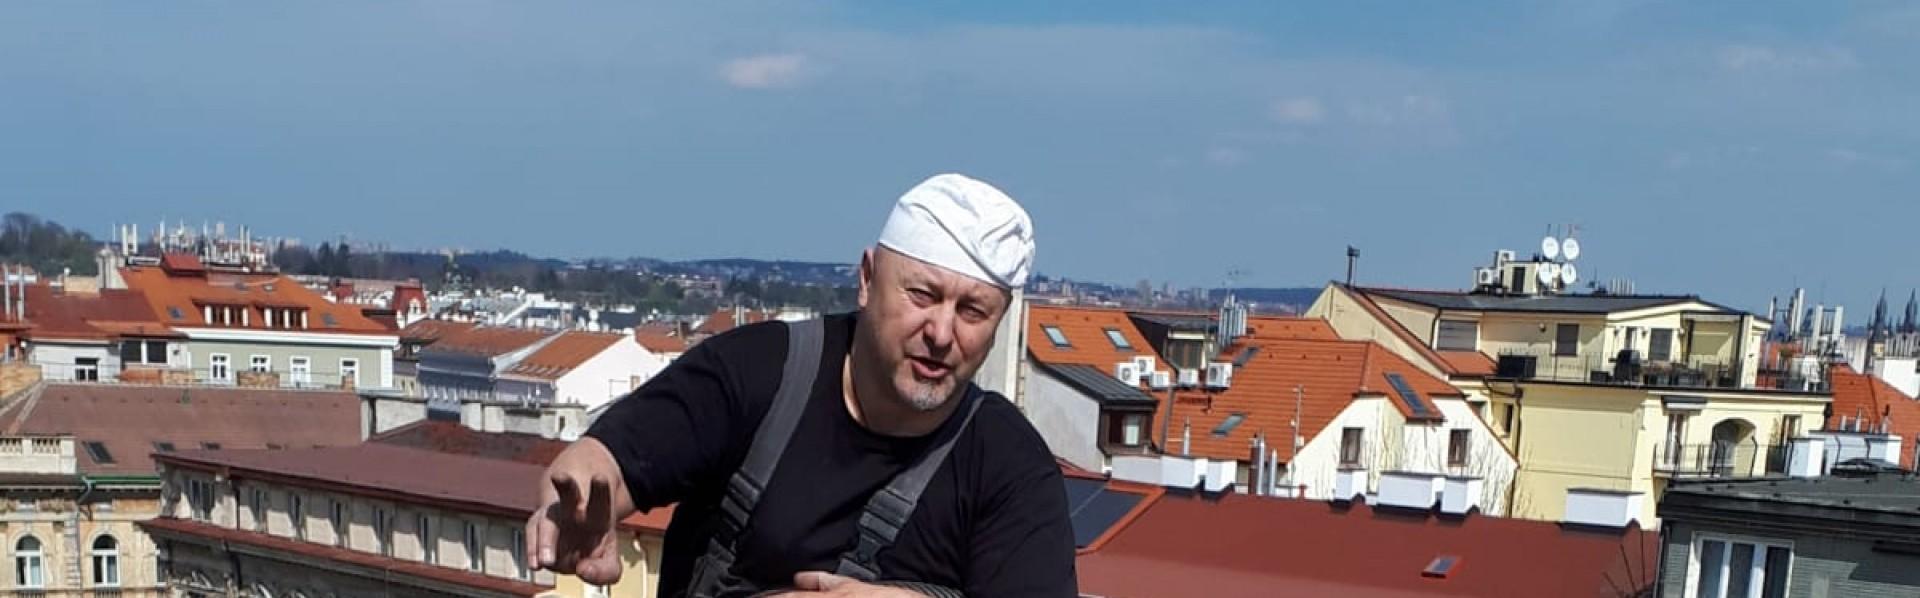 Kominík Praha – Kominictví a revize komínů